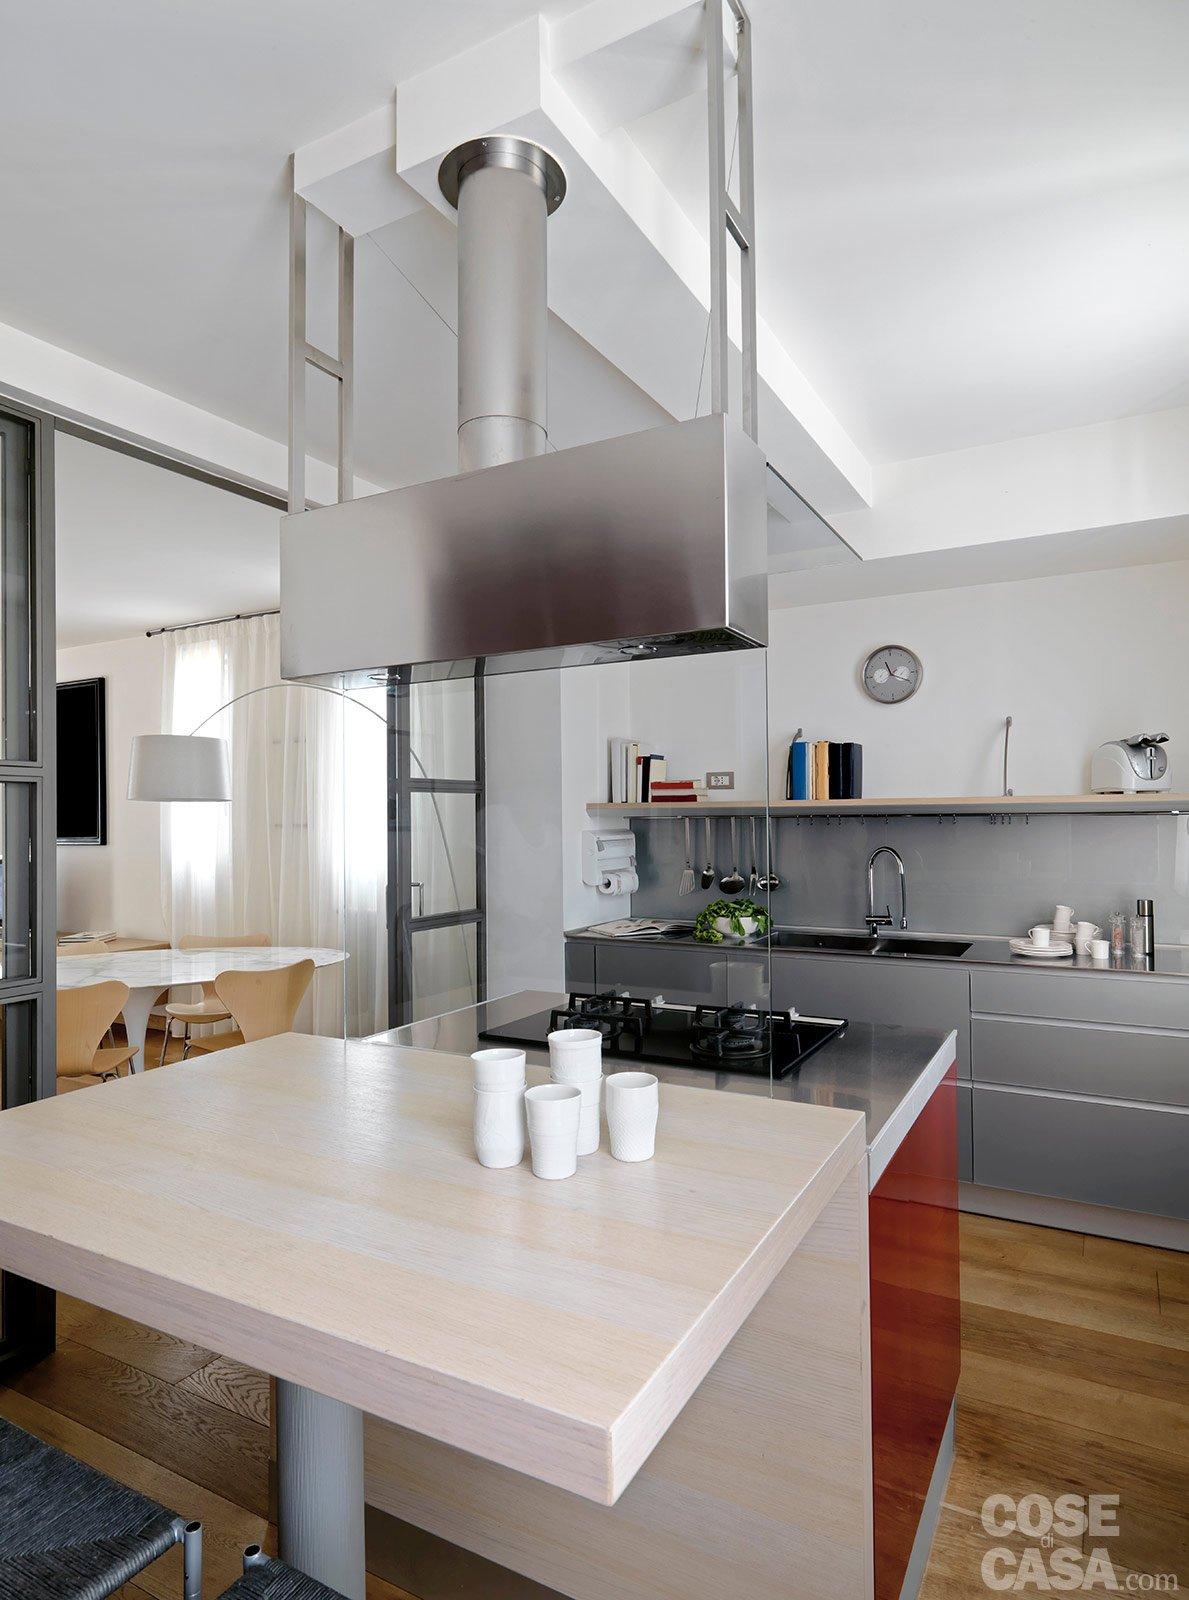 una casa con zona giorno open space e camera sottotetto - cose di casa - Cappa Cucina Sospesa